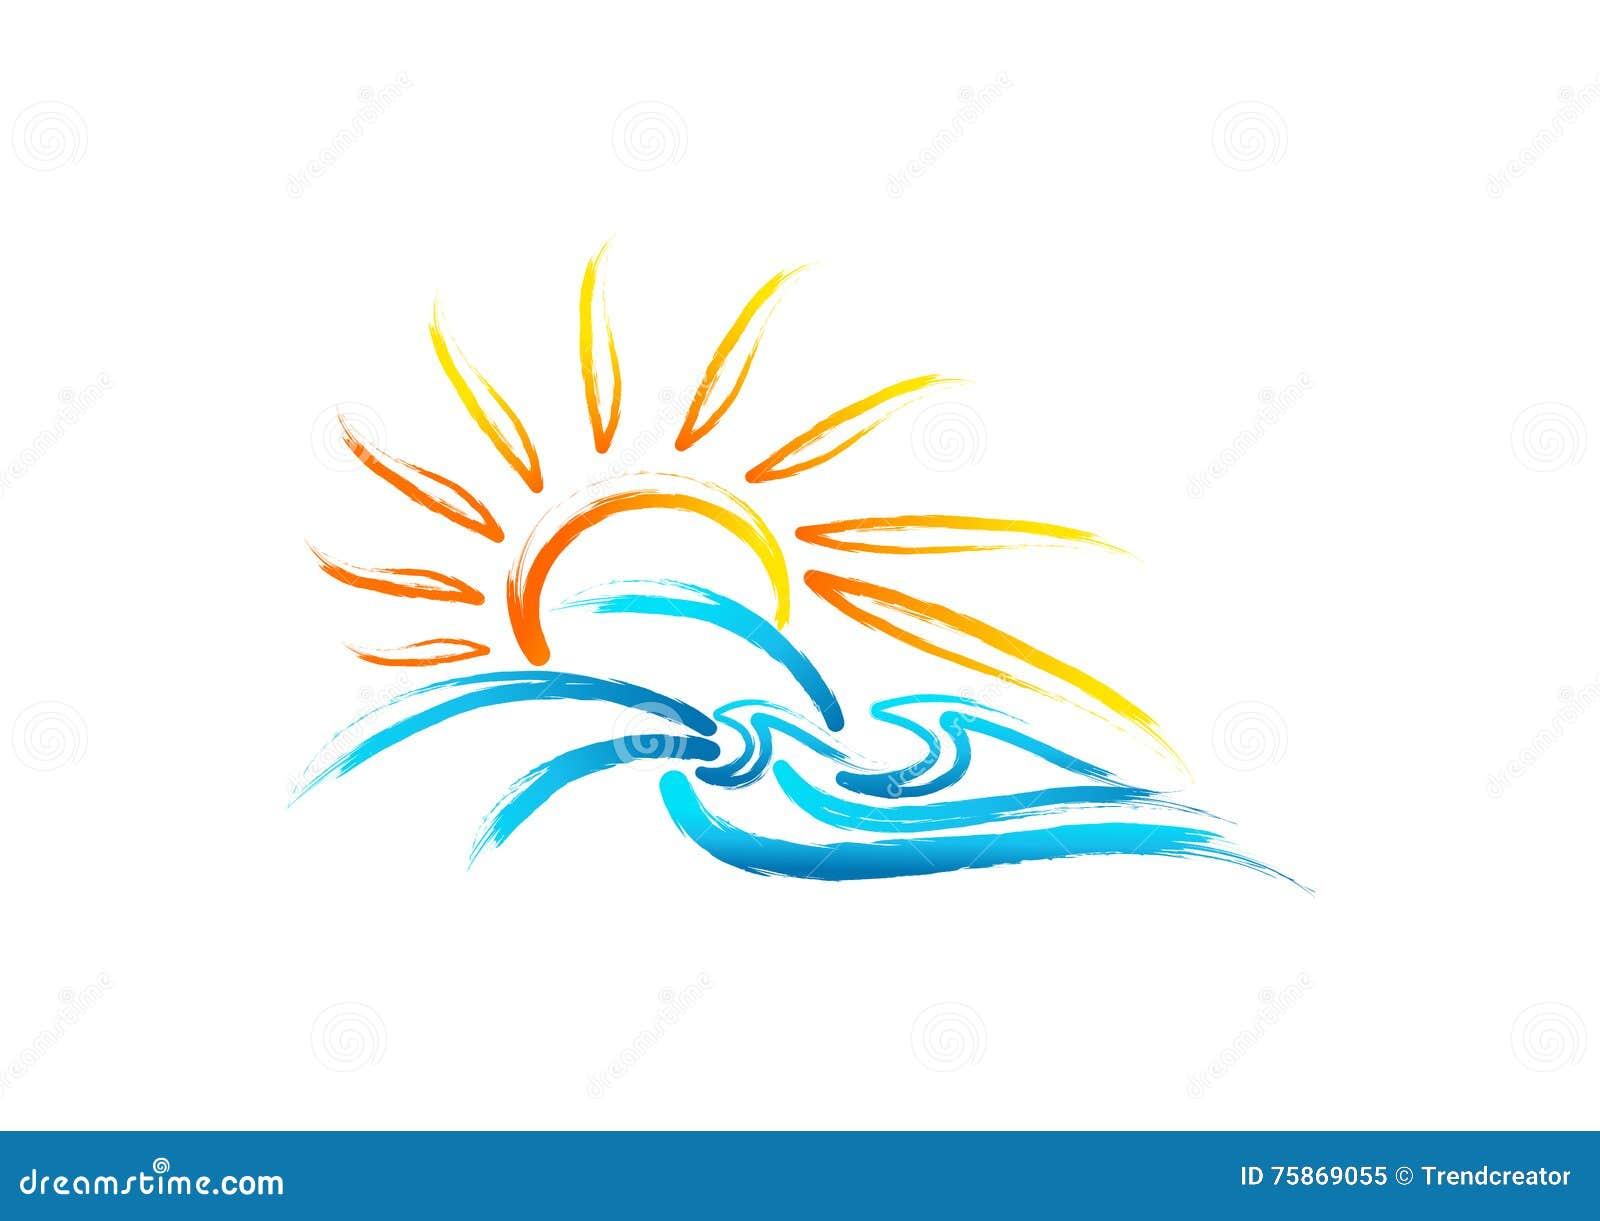 Logotipo da onda do mar de Sun, símbolo do verão do vintage, projeto de conceito marinho da natureza selvagem retro